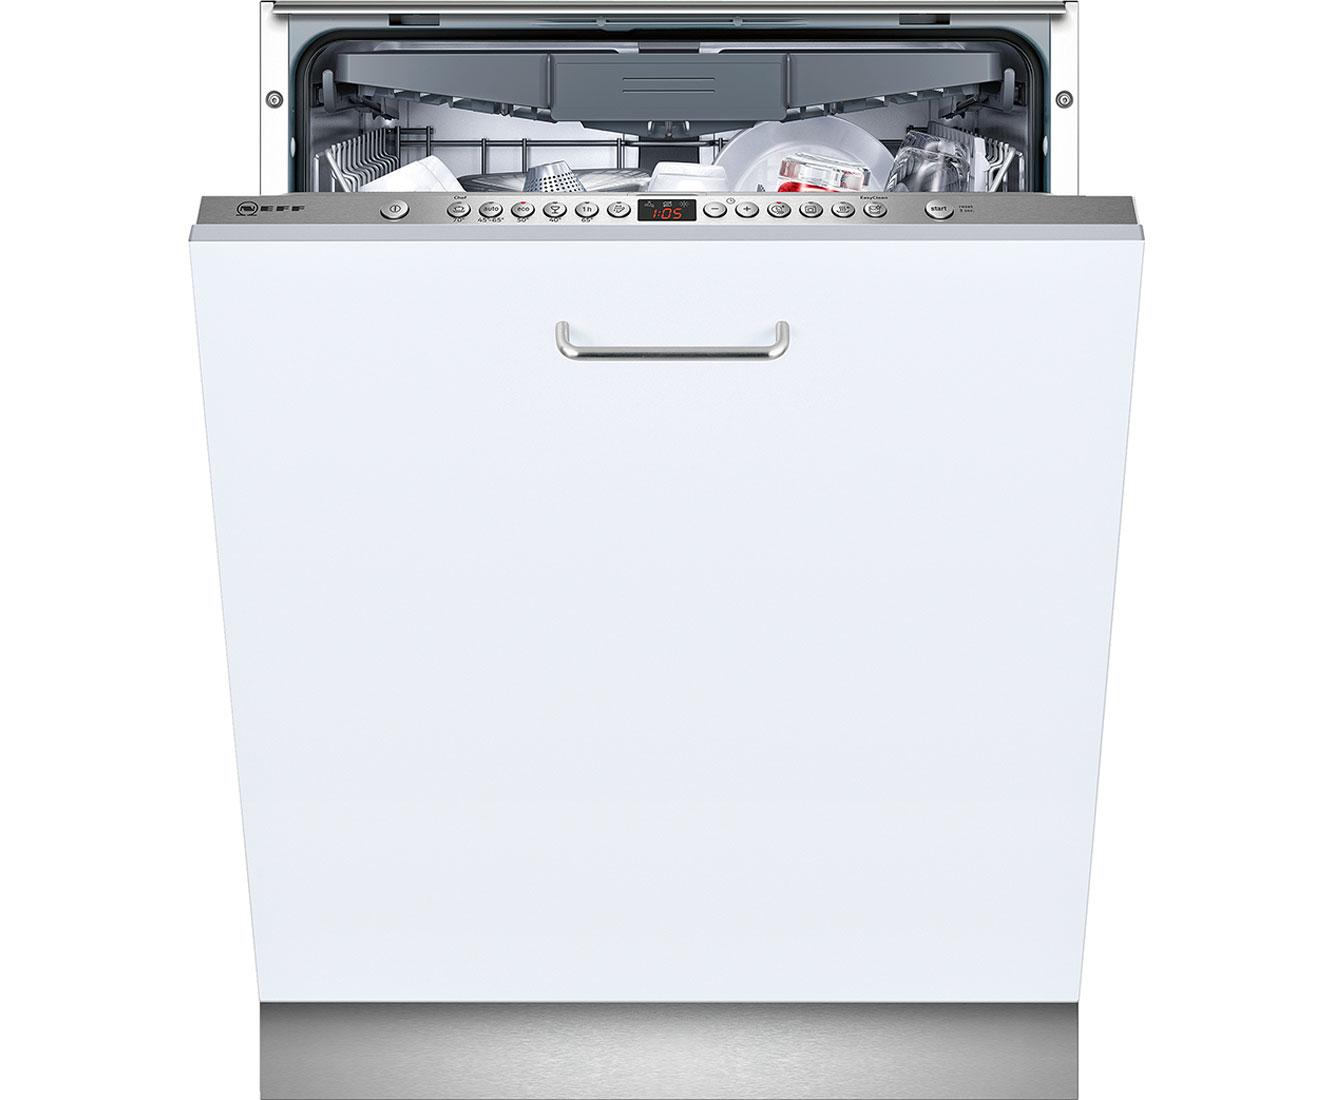 Neff GV3600K Geschirrspüler 60 cm - Edelstahl | Küche und Esszimmer > Küchenelektrogeräte > Gefrierschränke | Edelstahl | Neff